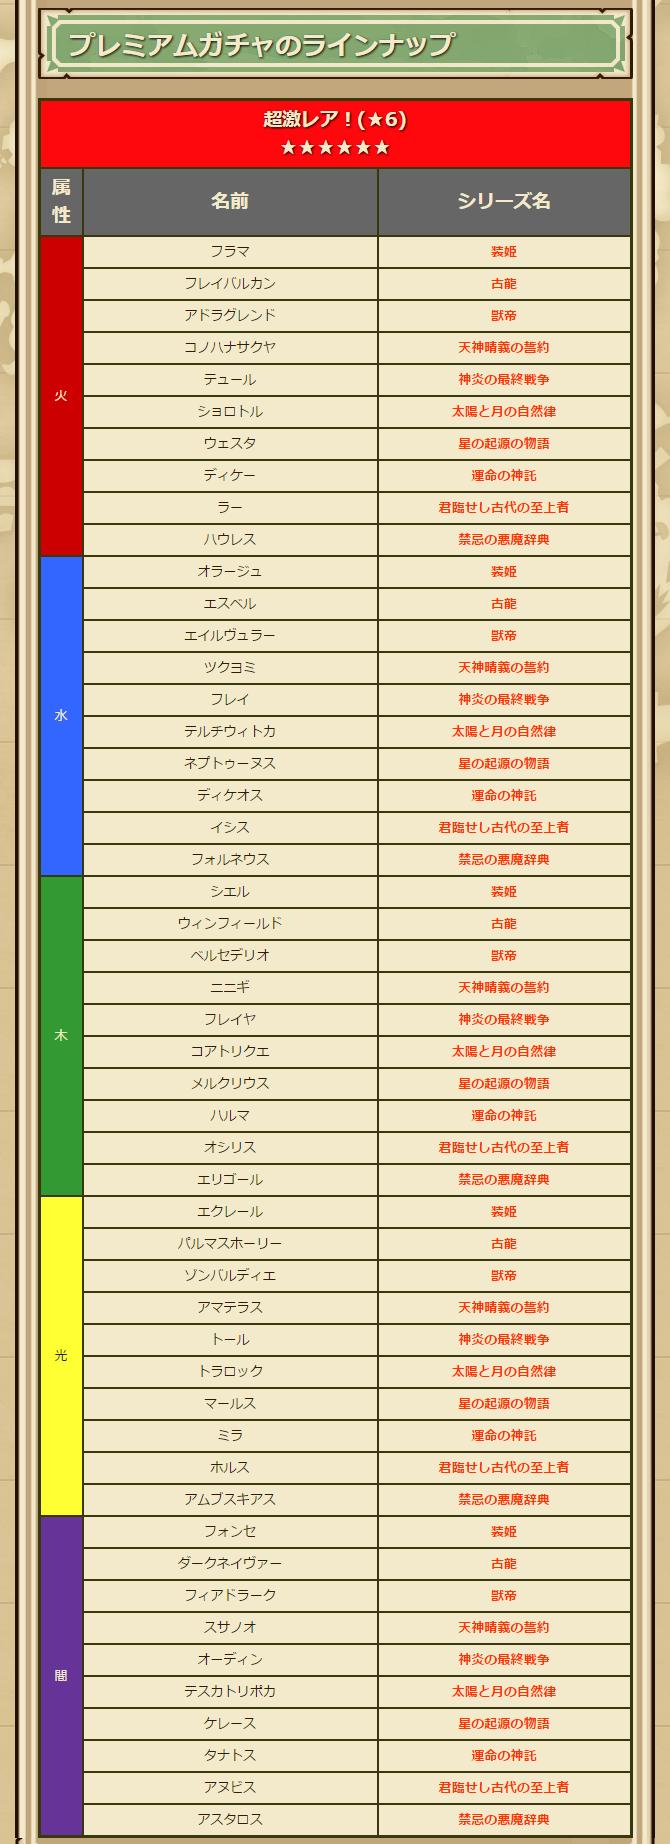 13d6d563-cc6a-4240-8215-3e242b5e7be4